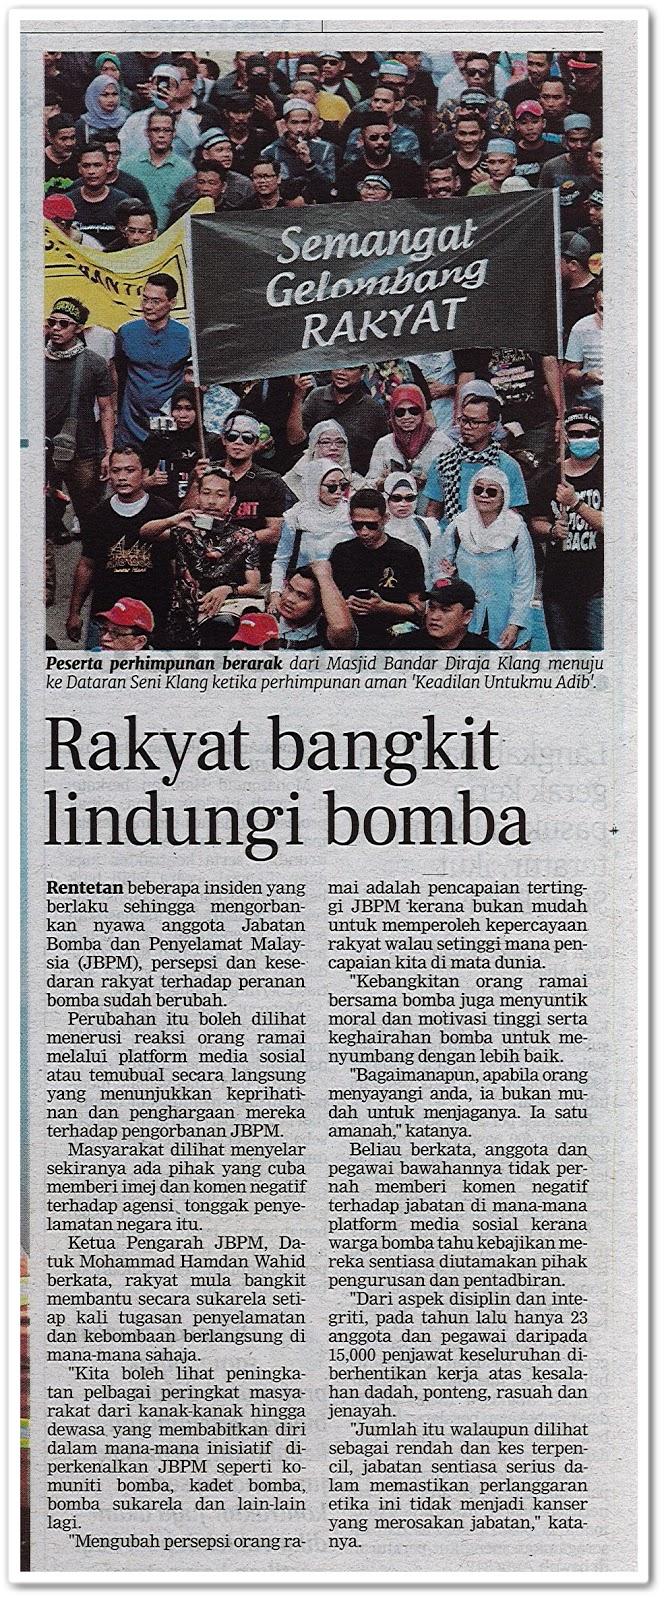 Rakyat bangkit lindungi bomba - Keratan akhbar Berita Harian 20 Julai 2019